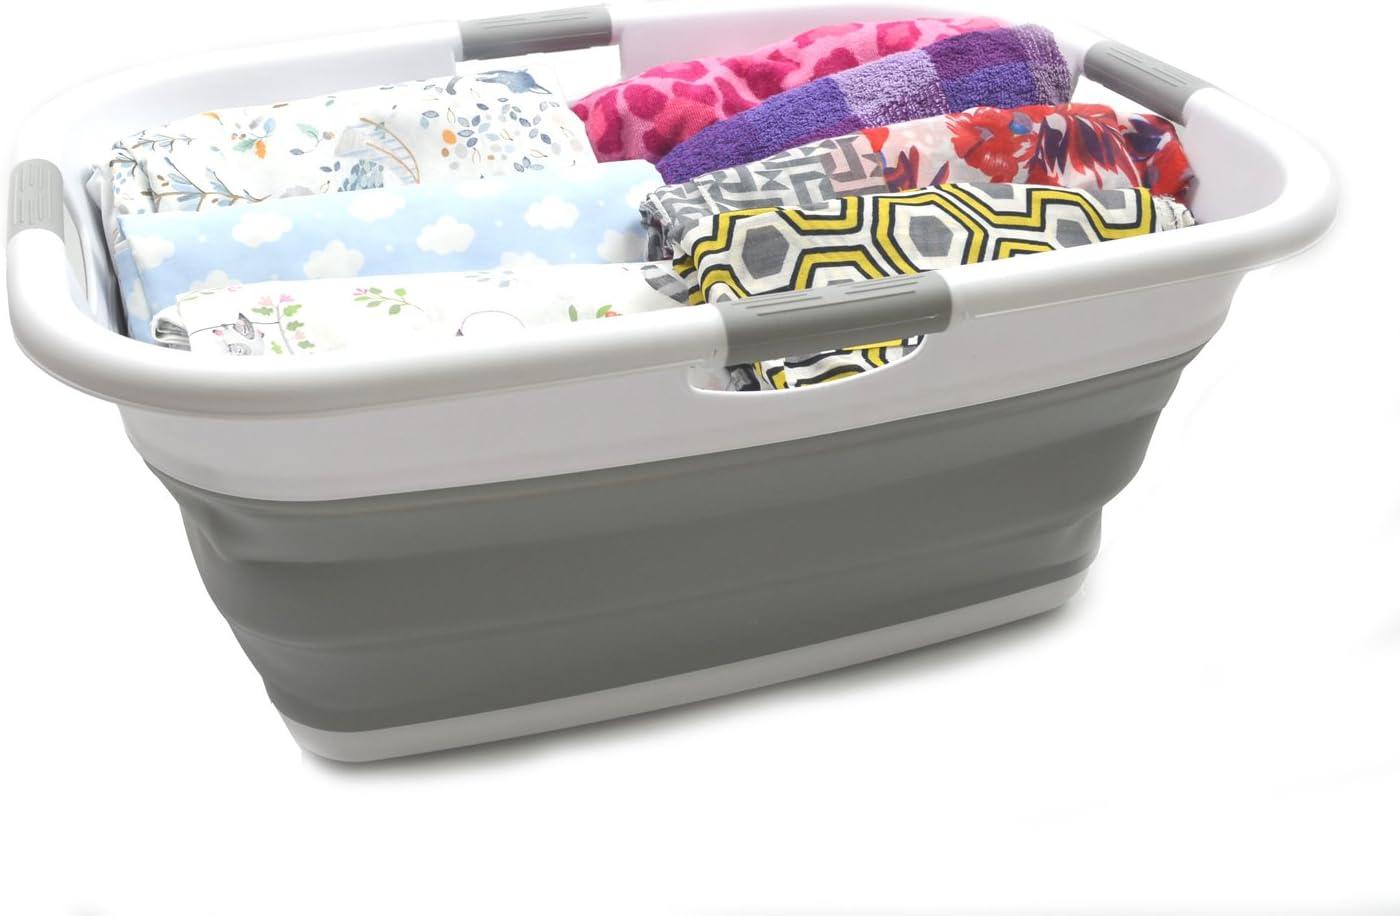 contenitore pieghevole pop-up vasca portatile Cesto portabiancheria pieghevole in plastica 1, bianco//blu marino SAMMART cesto salvaspazio